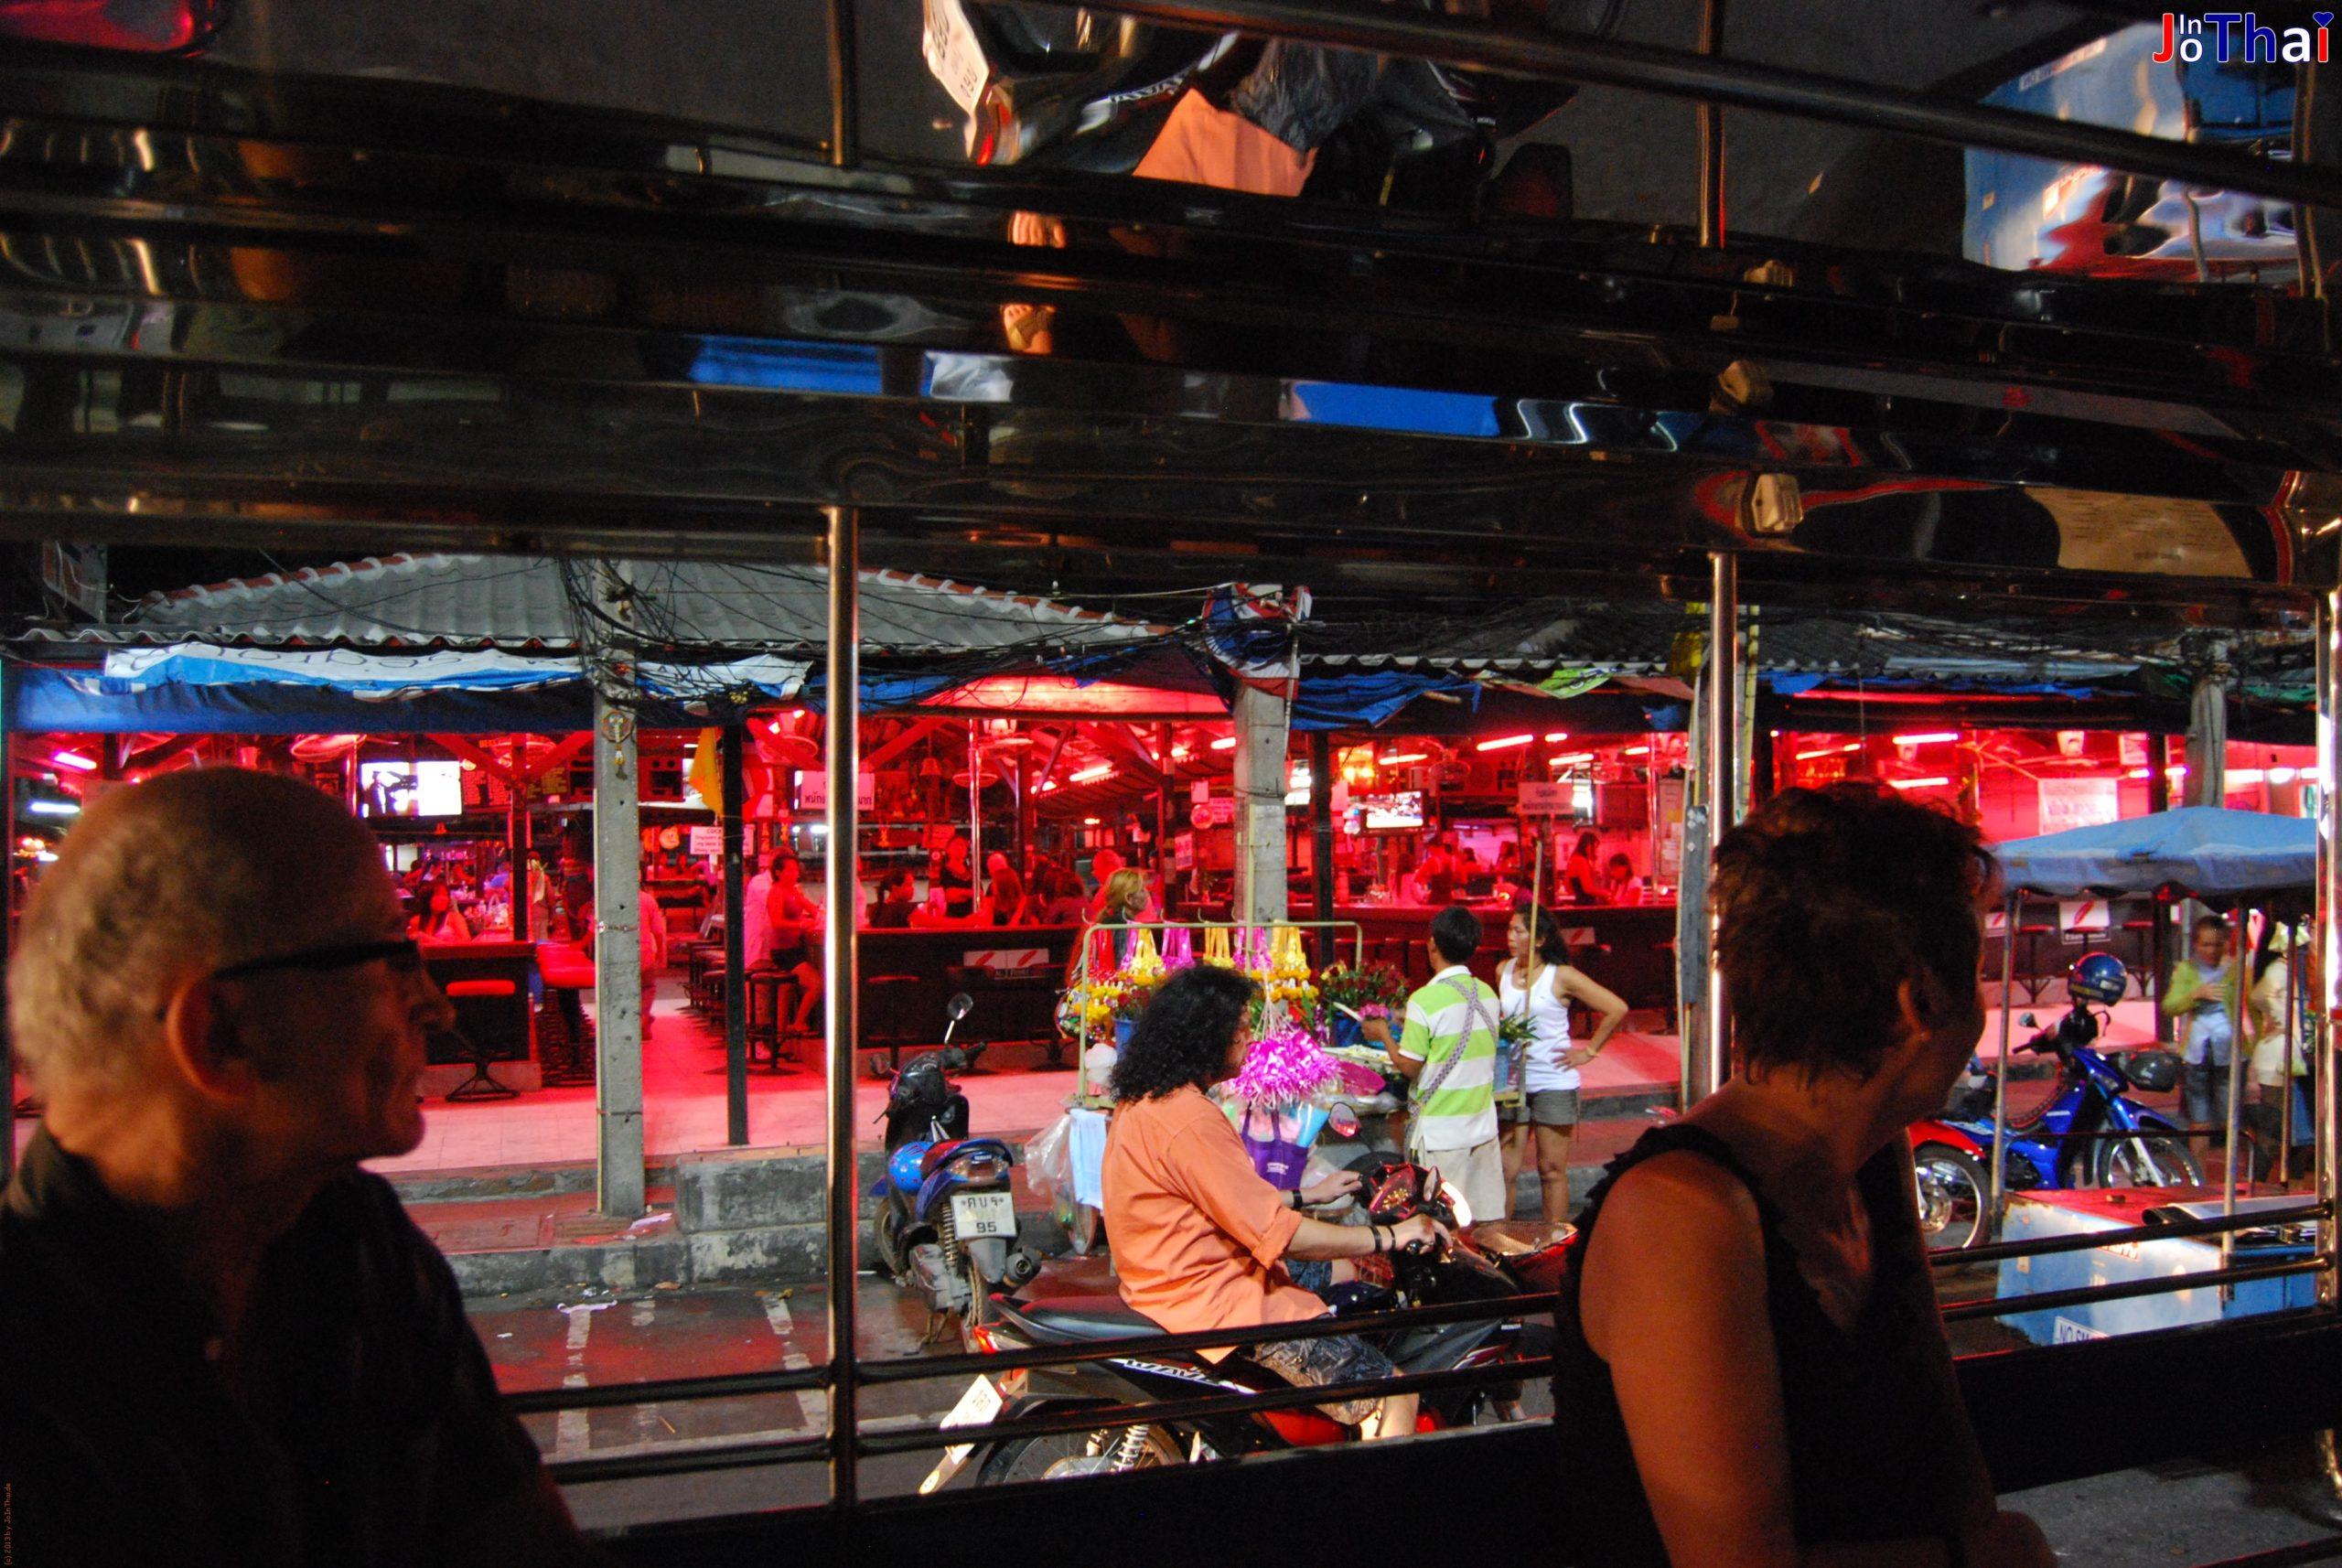 Bierbar aus einem Baht Bus - Pattaya - Thailand